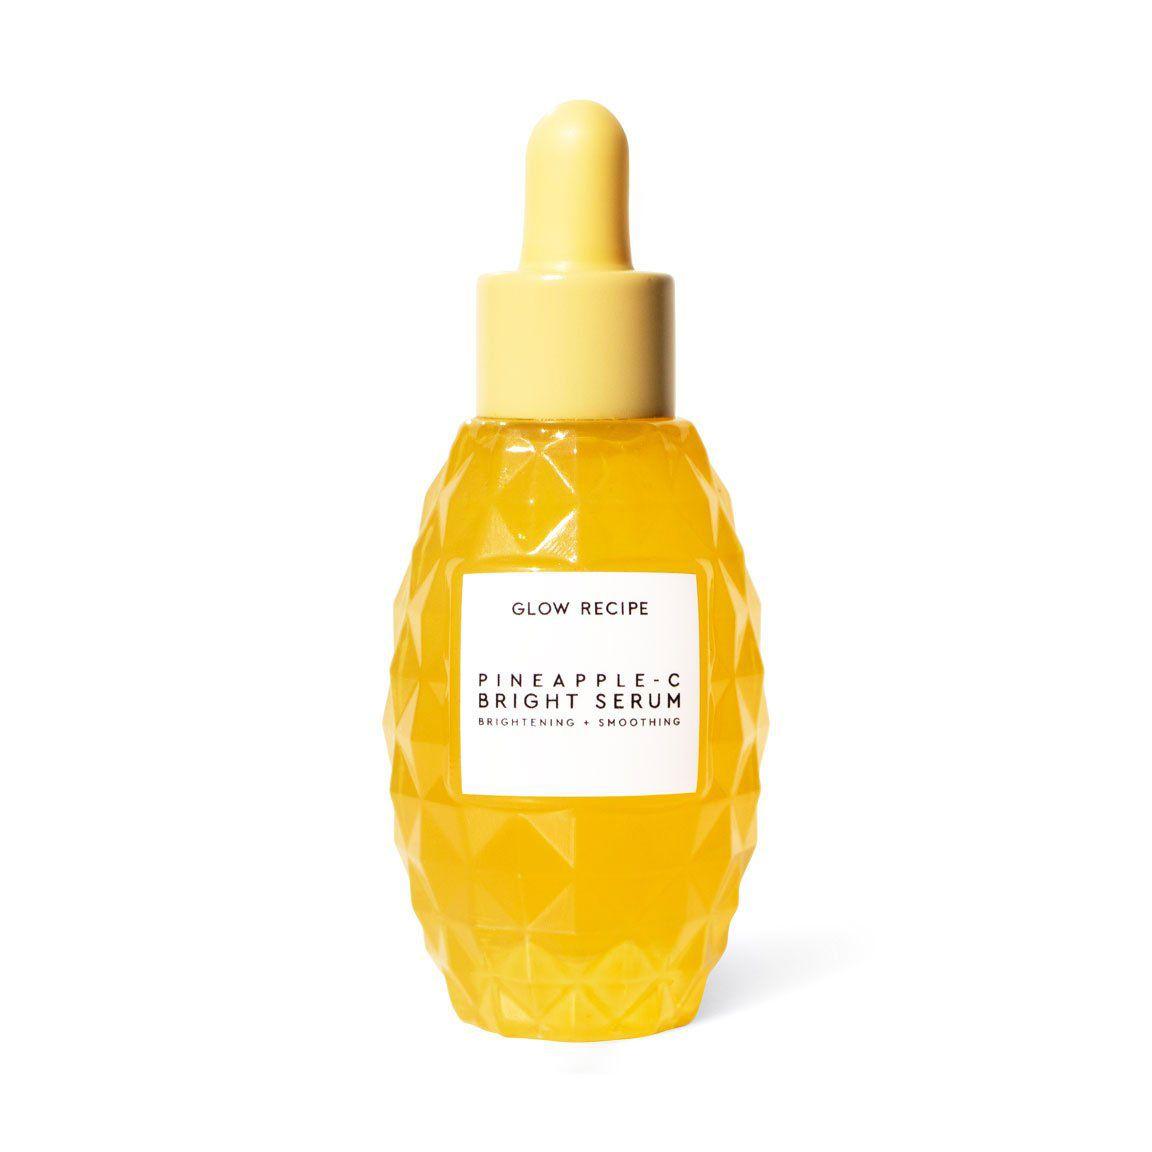 Pineapple-C Brightening Serum